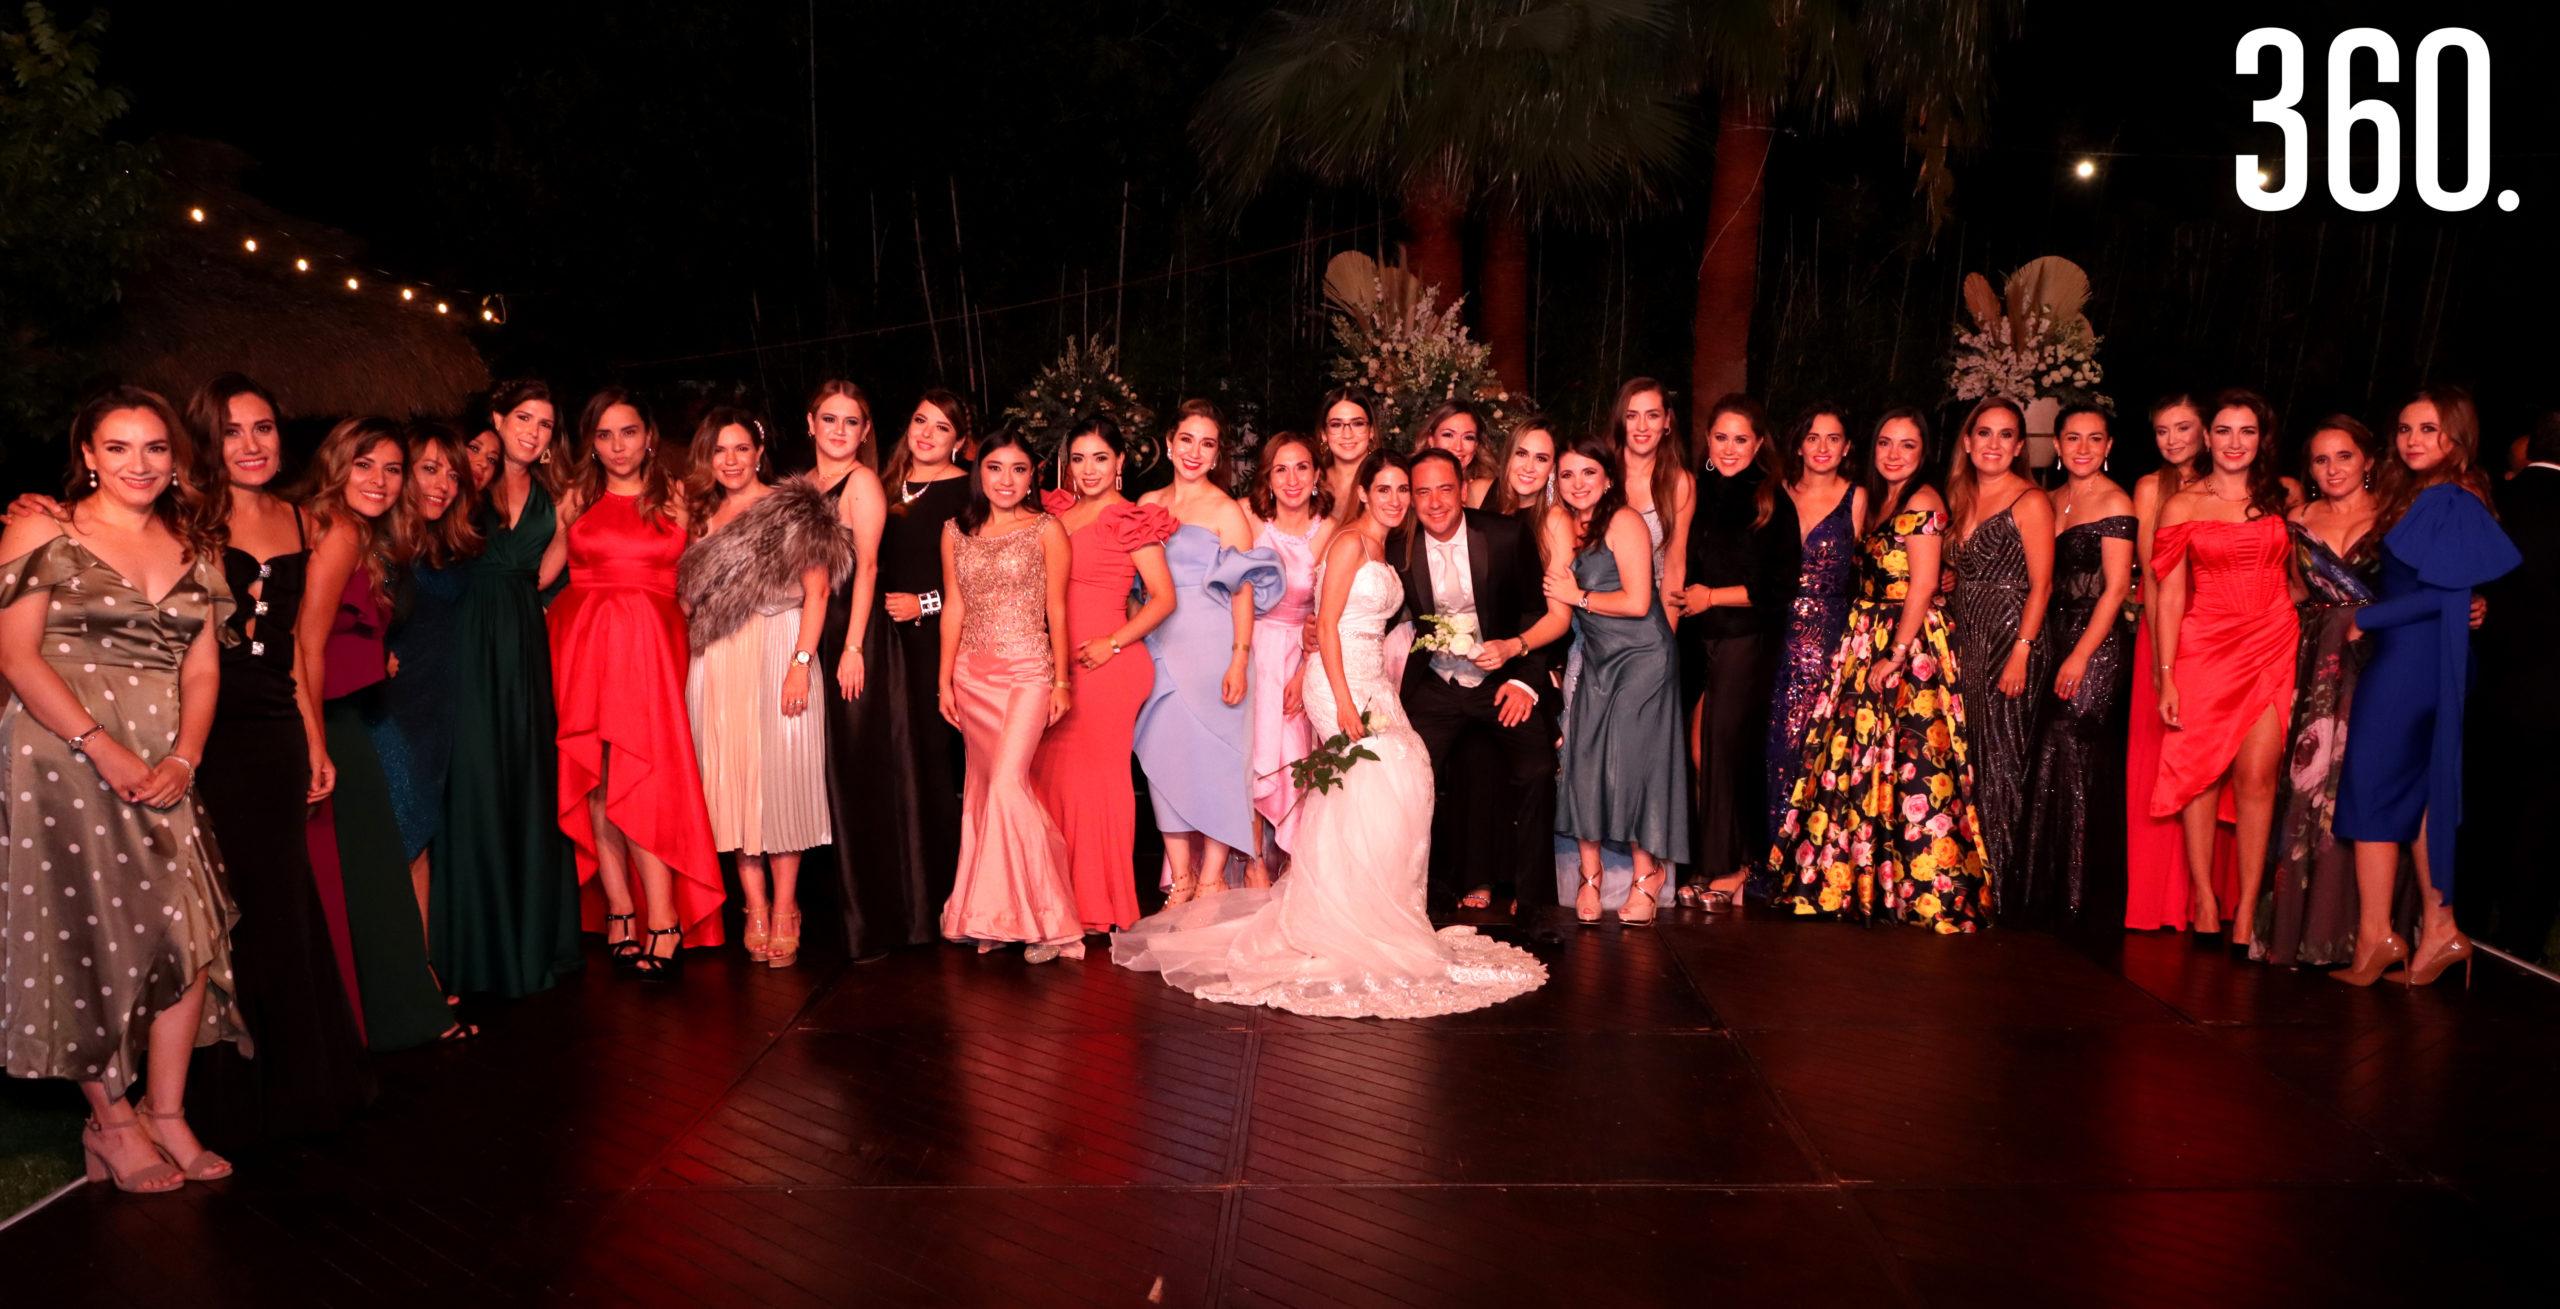 María Alejandra de Anda y Jorge Arizpe acompañados por sus amigas durante su boda realizada en la Hacienda Guadalupe, en Bella Unión.